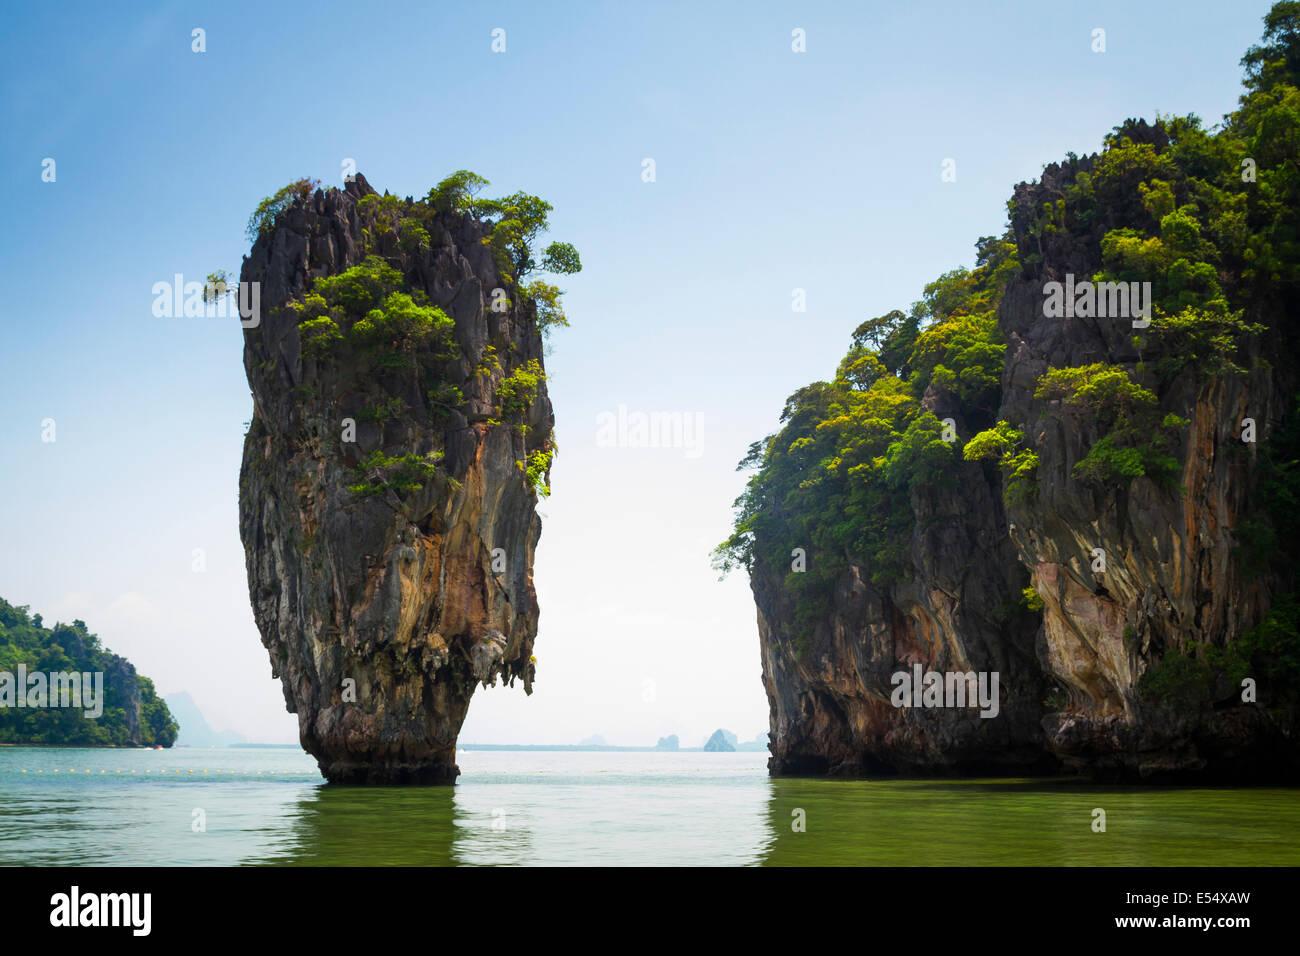 Ko Tapu or James Bond island. Phang Nga Bay. Phang Nga province. Andaman Sea, Thailand, Asia. - Stock Image